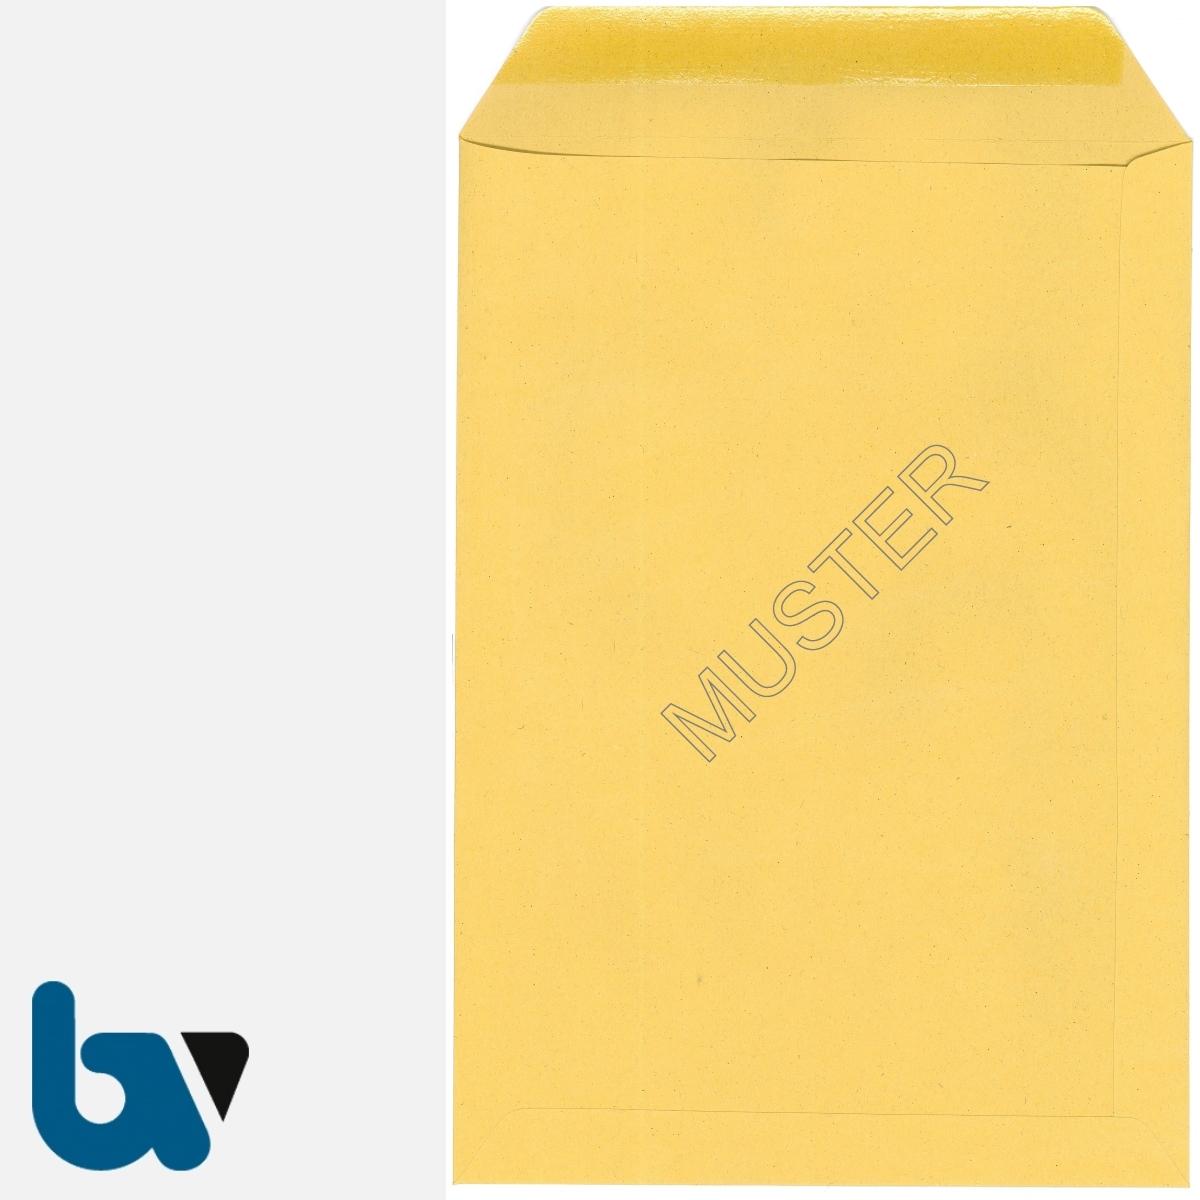 0/101-4.2 Förmliche Zustellung - Innerer Umschlag, DIN C4, mit Fenster, nassklebend, Rückseite | Borgard Verlag GmbH